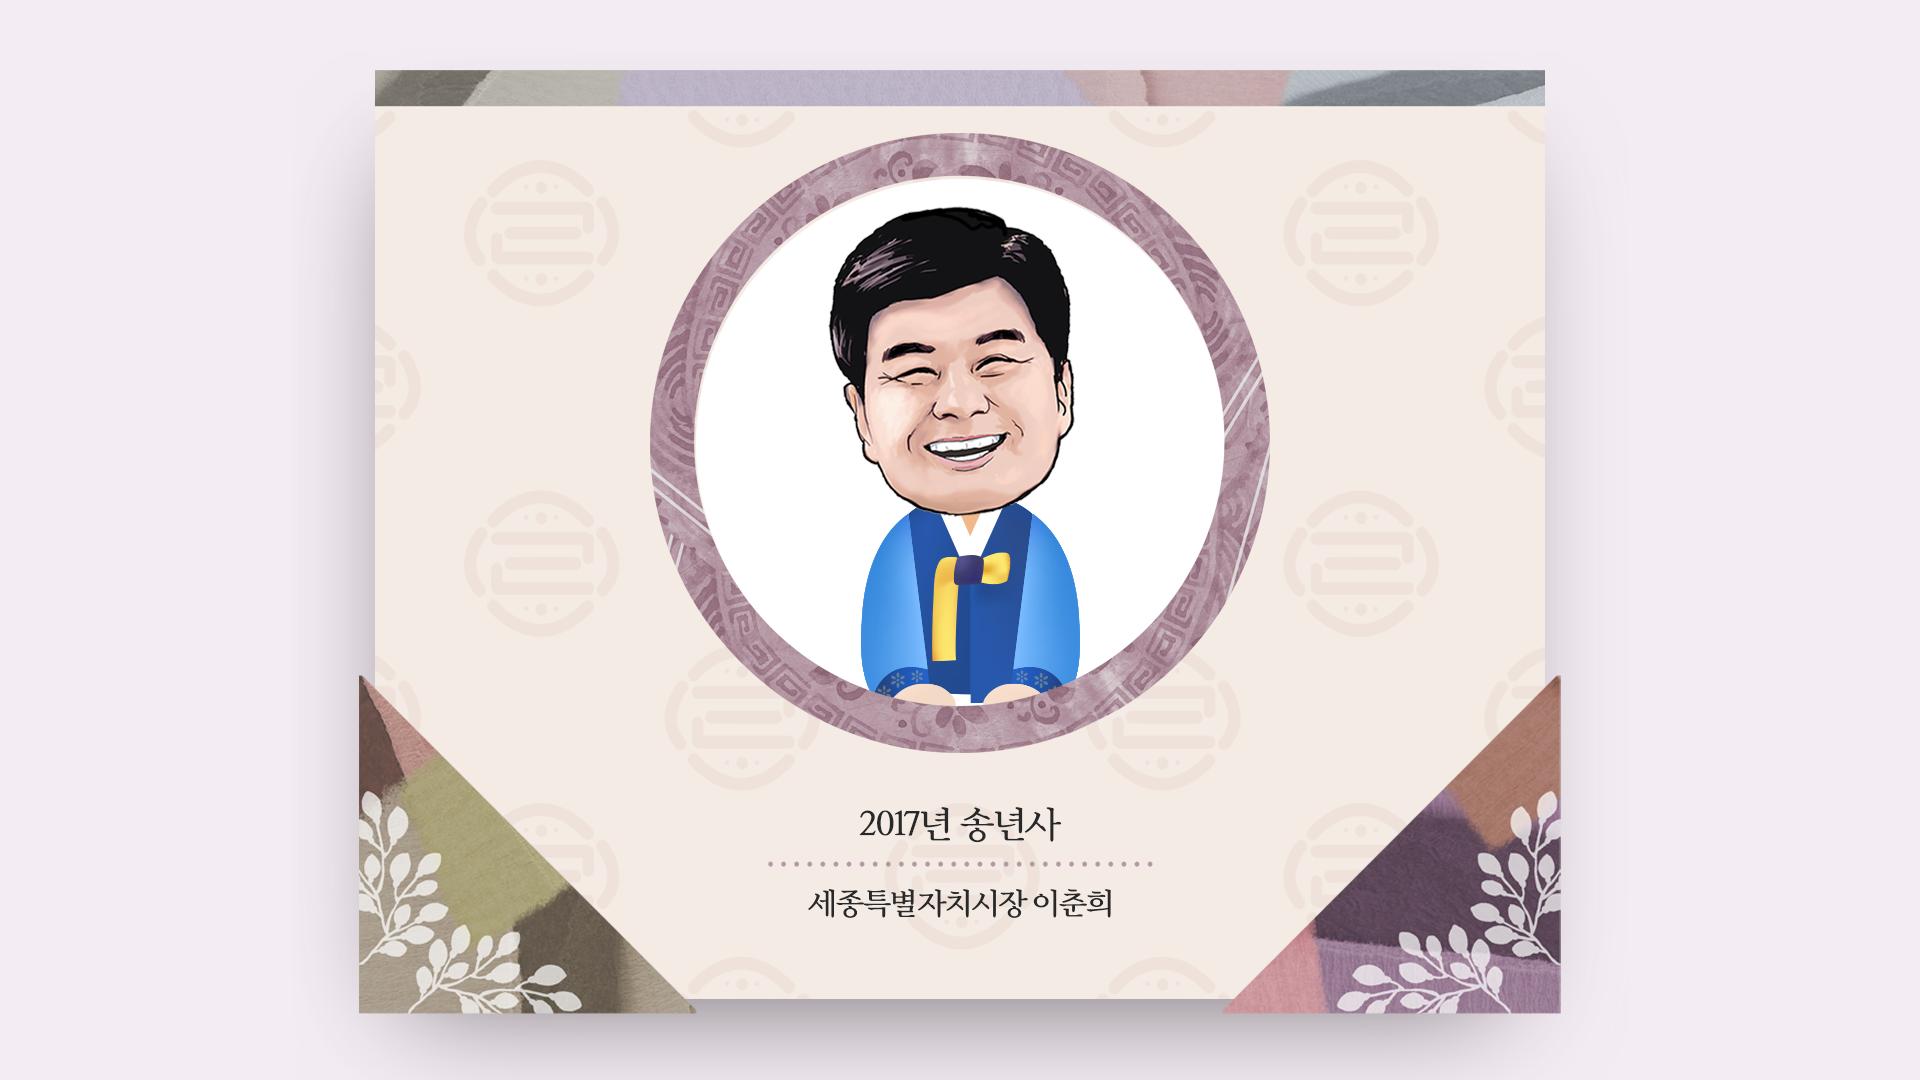 2017년 송년사